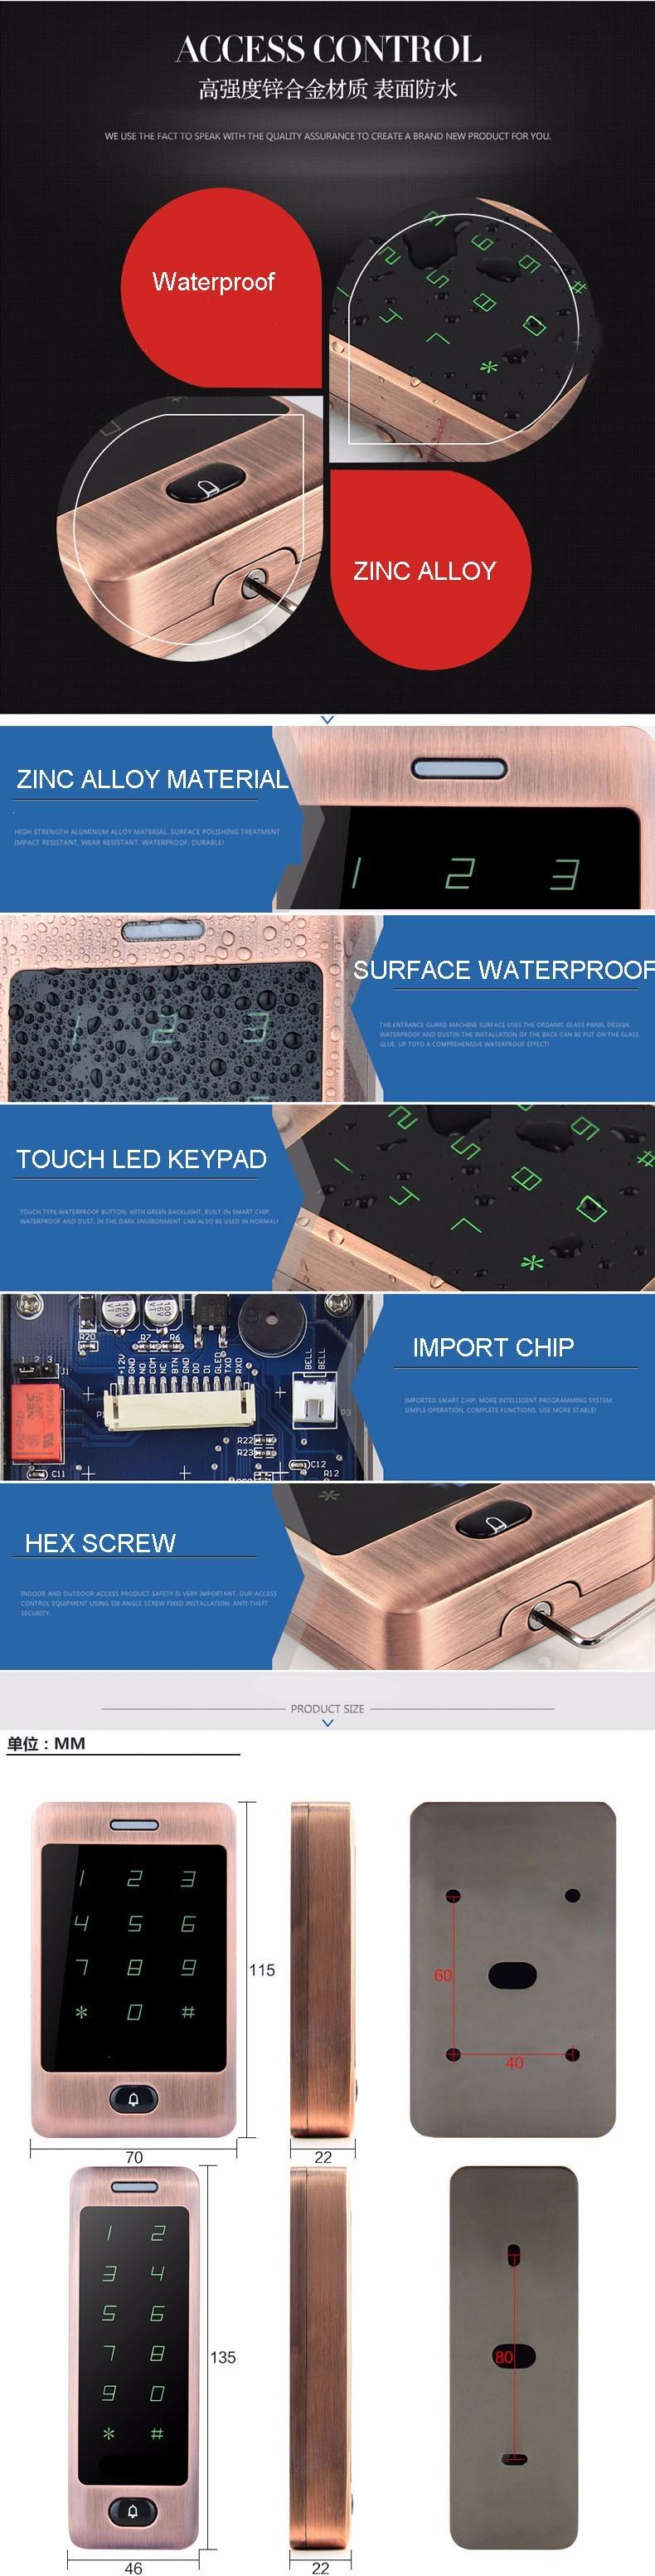 новое поступление хорошее качество 125 кгц радиочастотной идентификации-смарт-карты m13a управления двери автономно без программного обеспечения лицо водонепроницаемый доступ контроллер